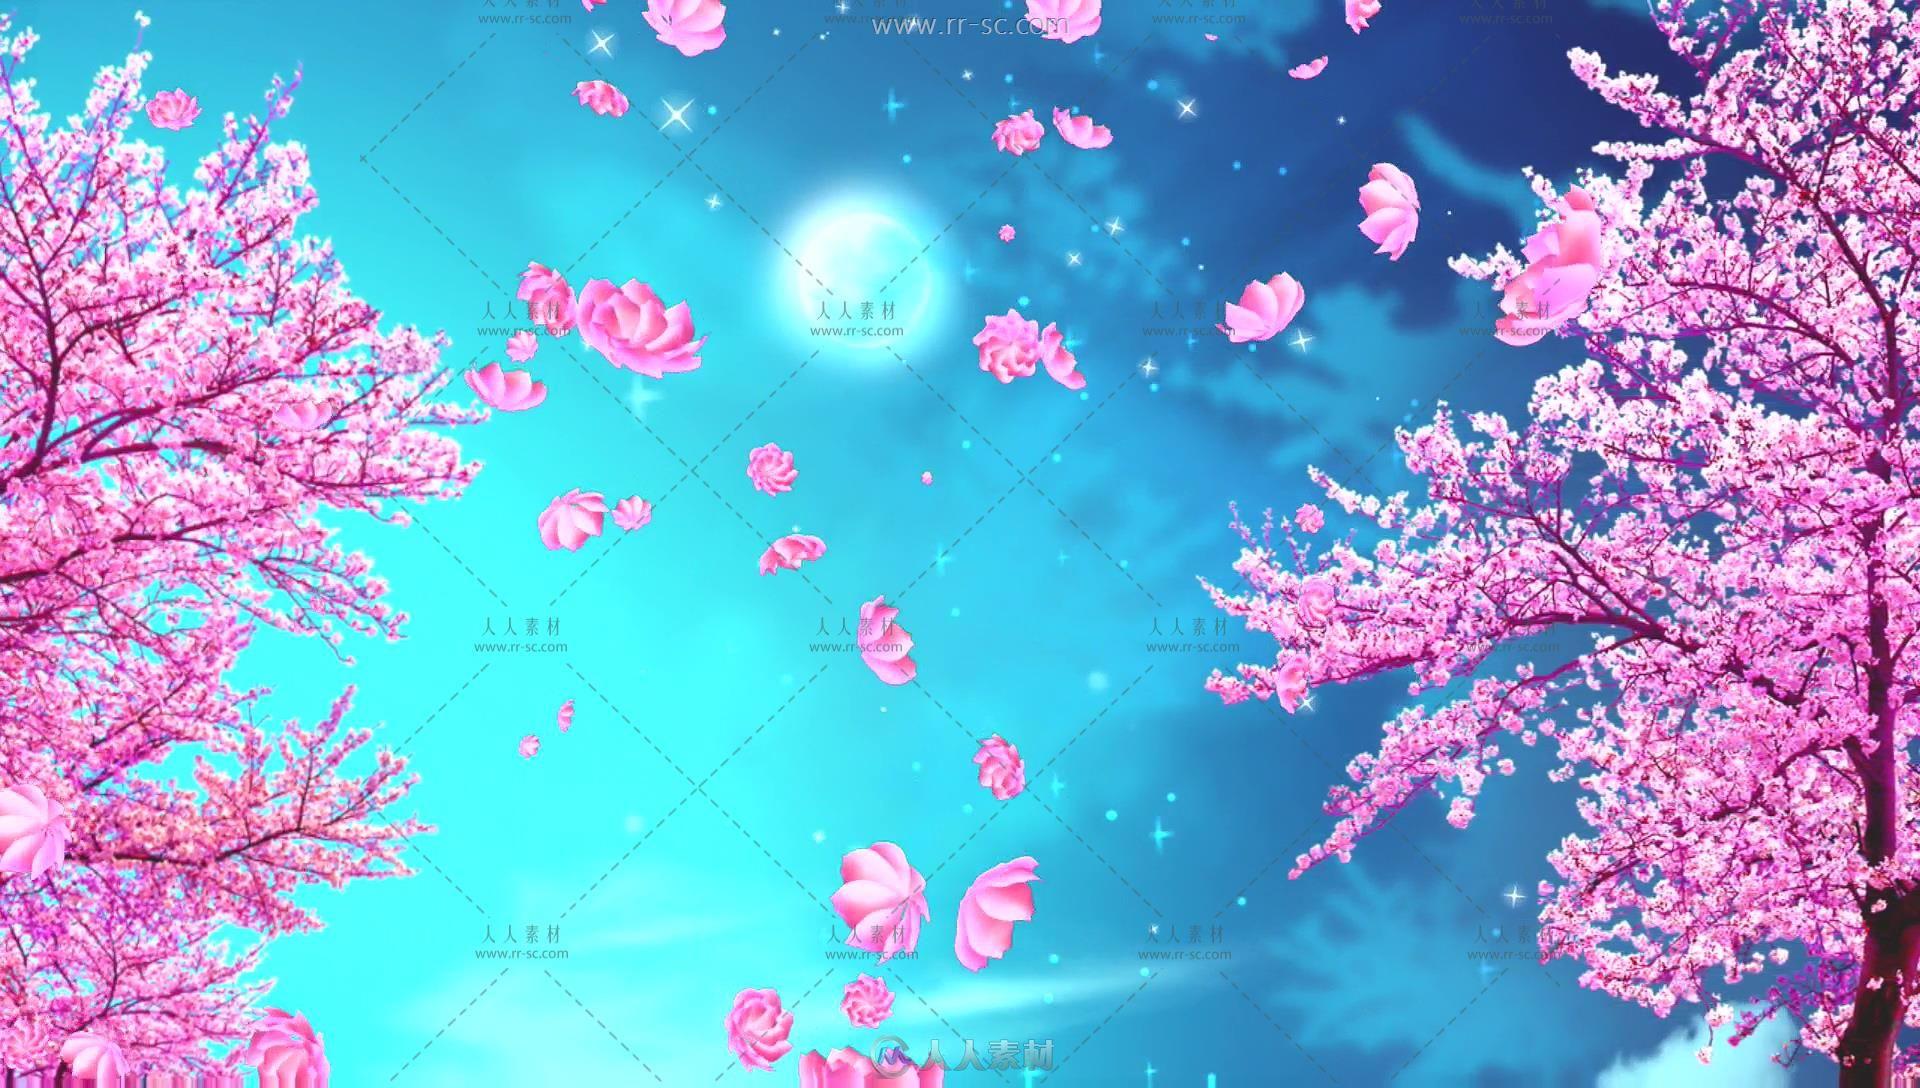 浪漫樱花花瓣飘落唯美背景视频素材